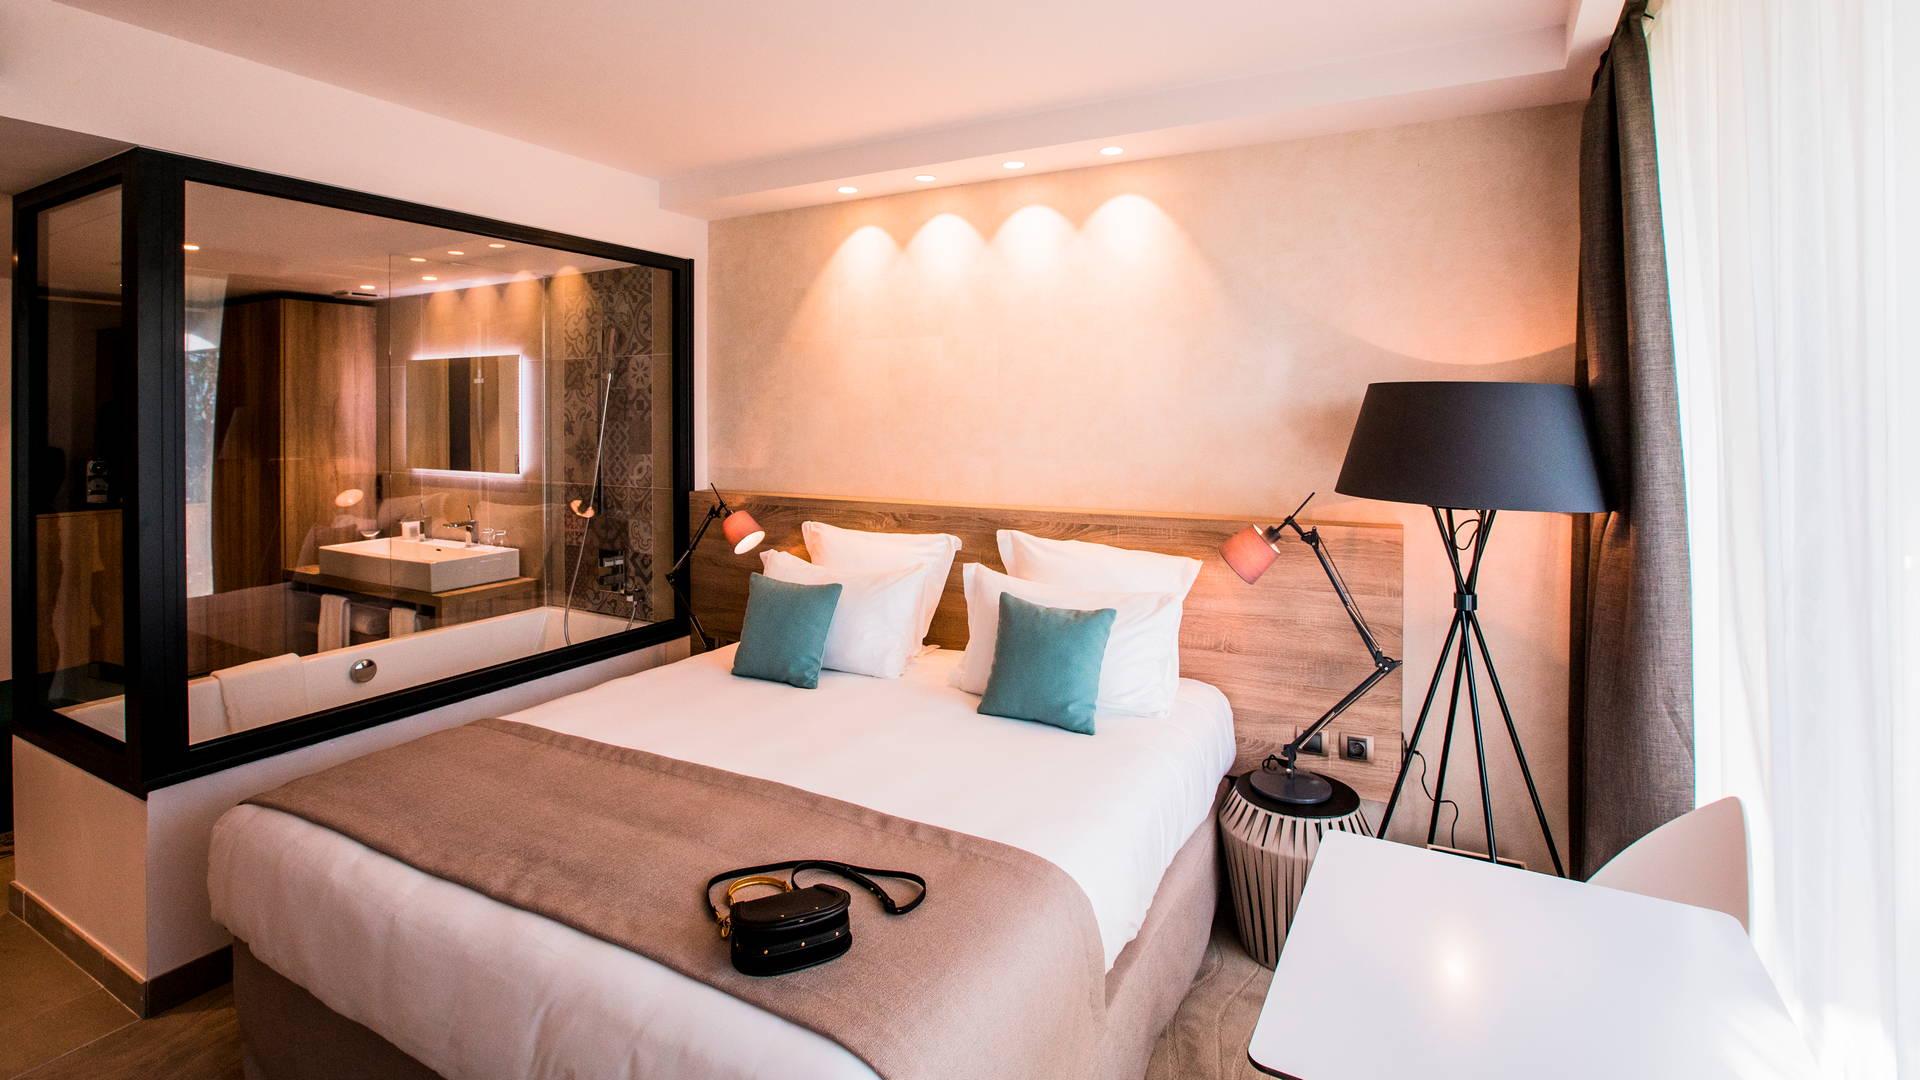 Chambre Deluxe dispose de larges baient offrant une vue imprenable sur la Méditerranée, Hôtel La Plage.